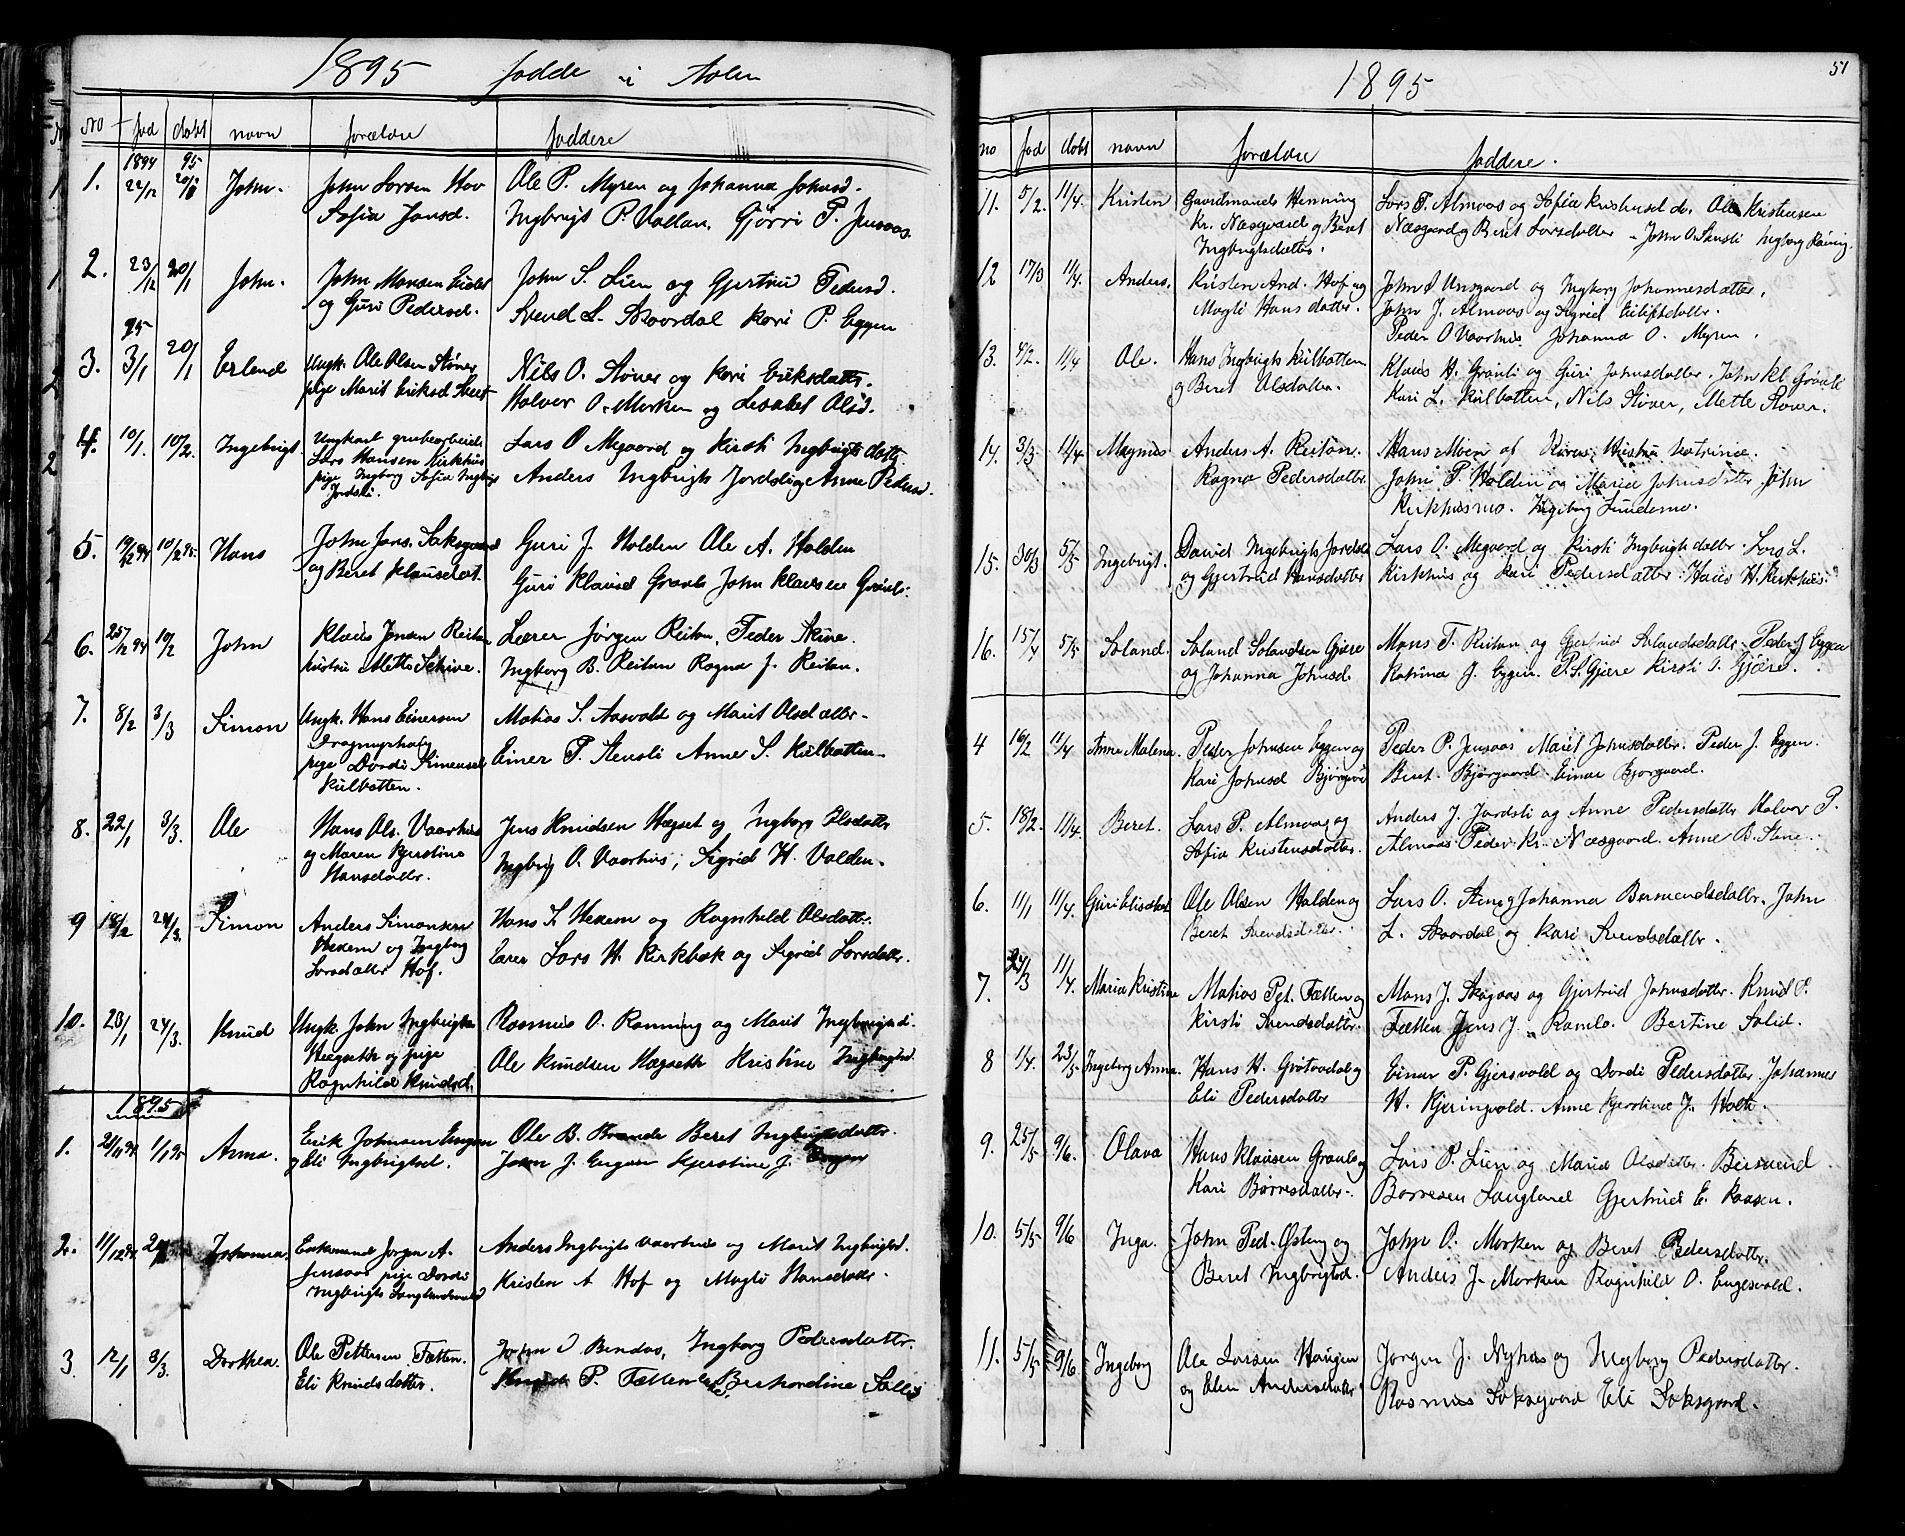 SAT, Ministerialprotokoller, klokkerbøker og fødselsregistre - Sør-Trøndelag, 686/L0985: Klokkerbok nr. 686C01, 1871-1933, s. 51